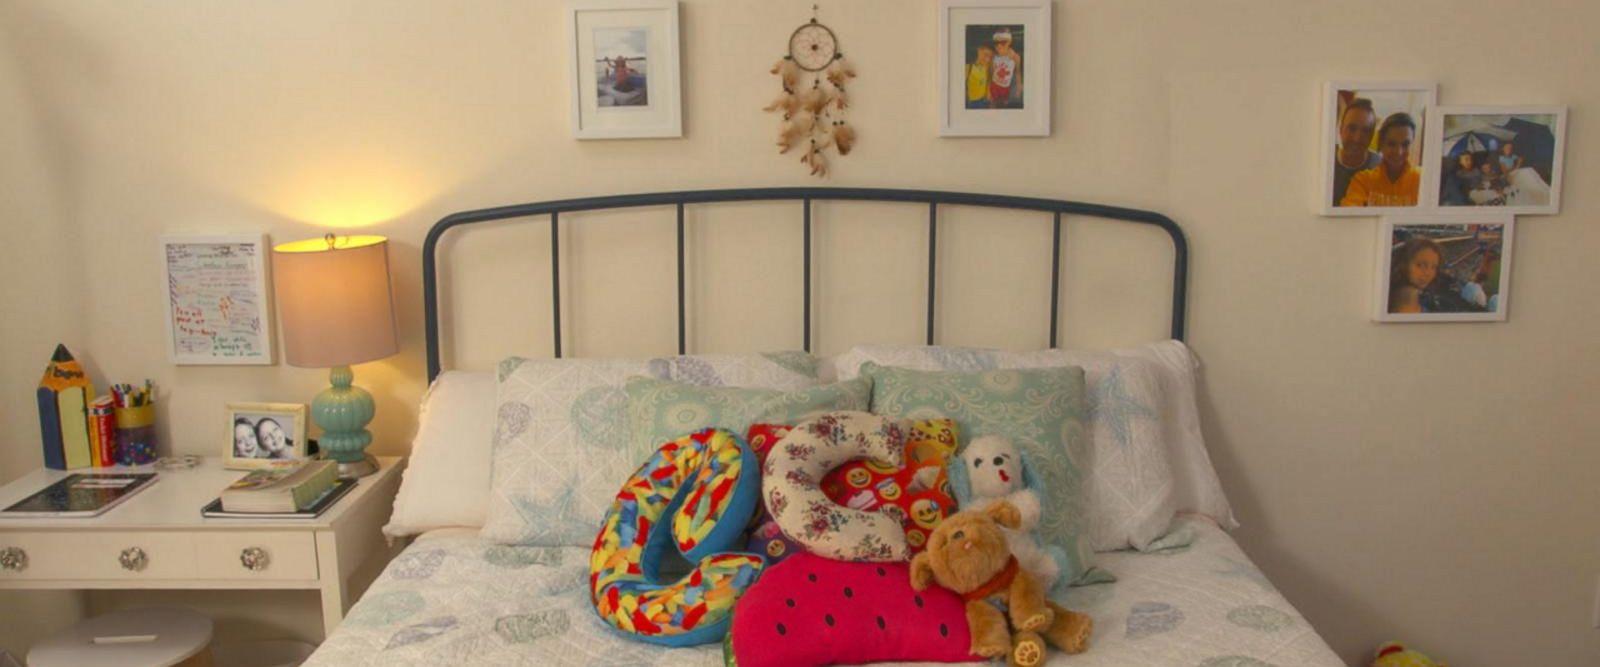 VIDEO: How to declutter children's rooms